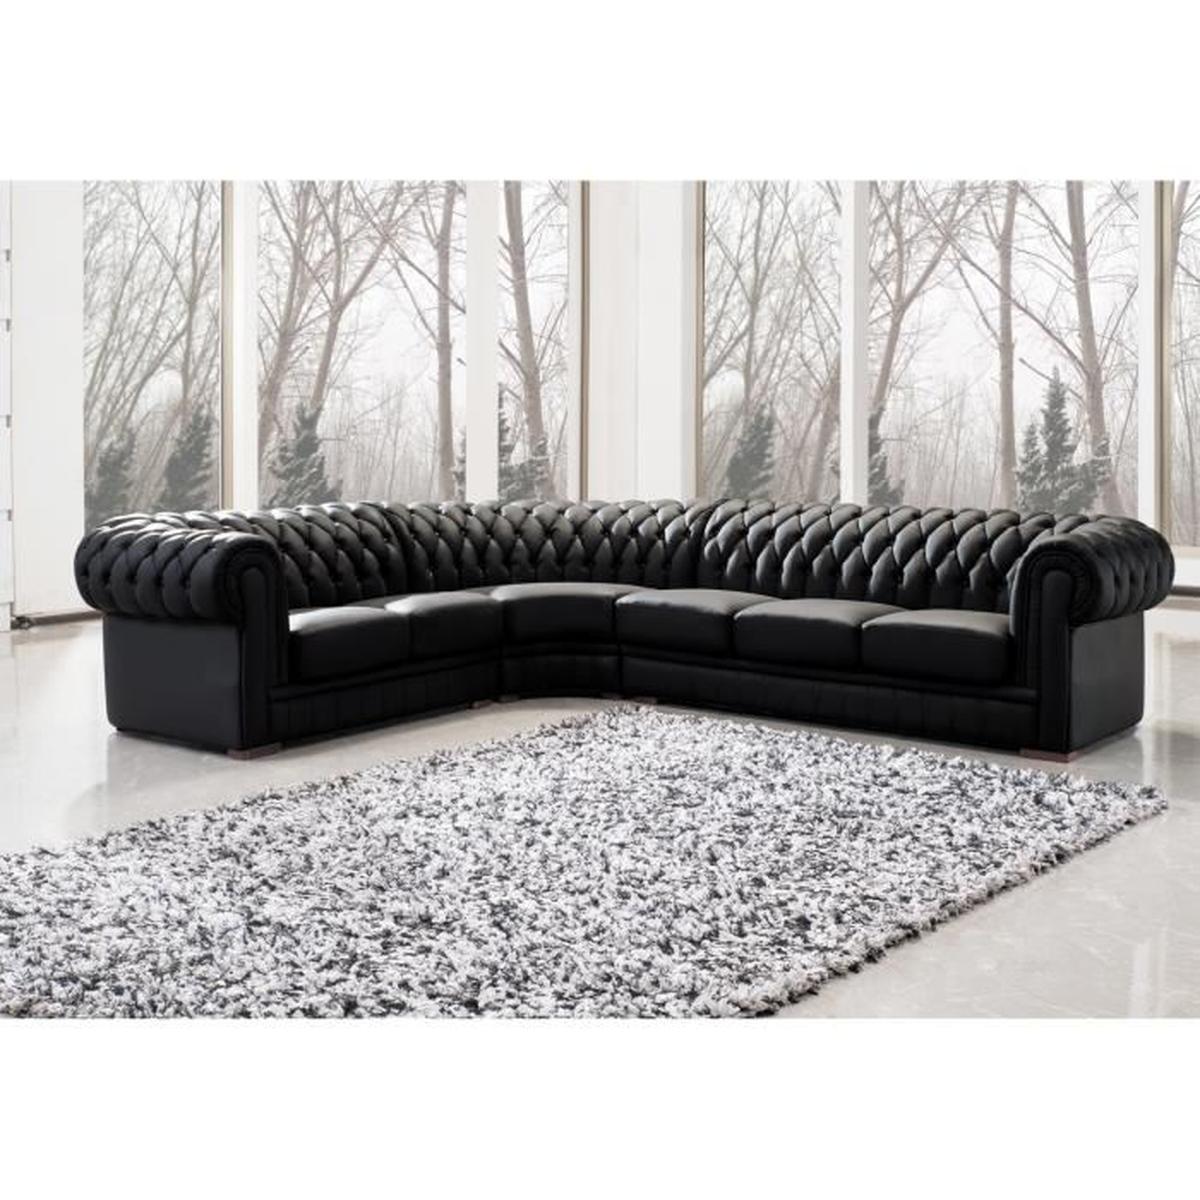 Canapé grande profondeur pas cher